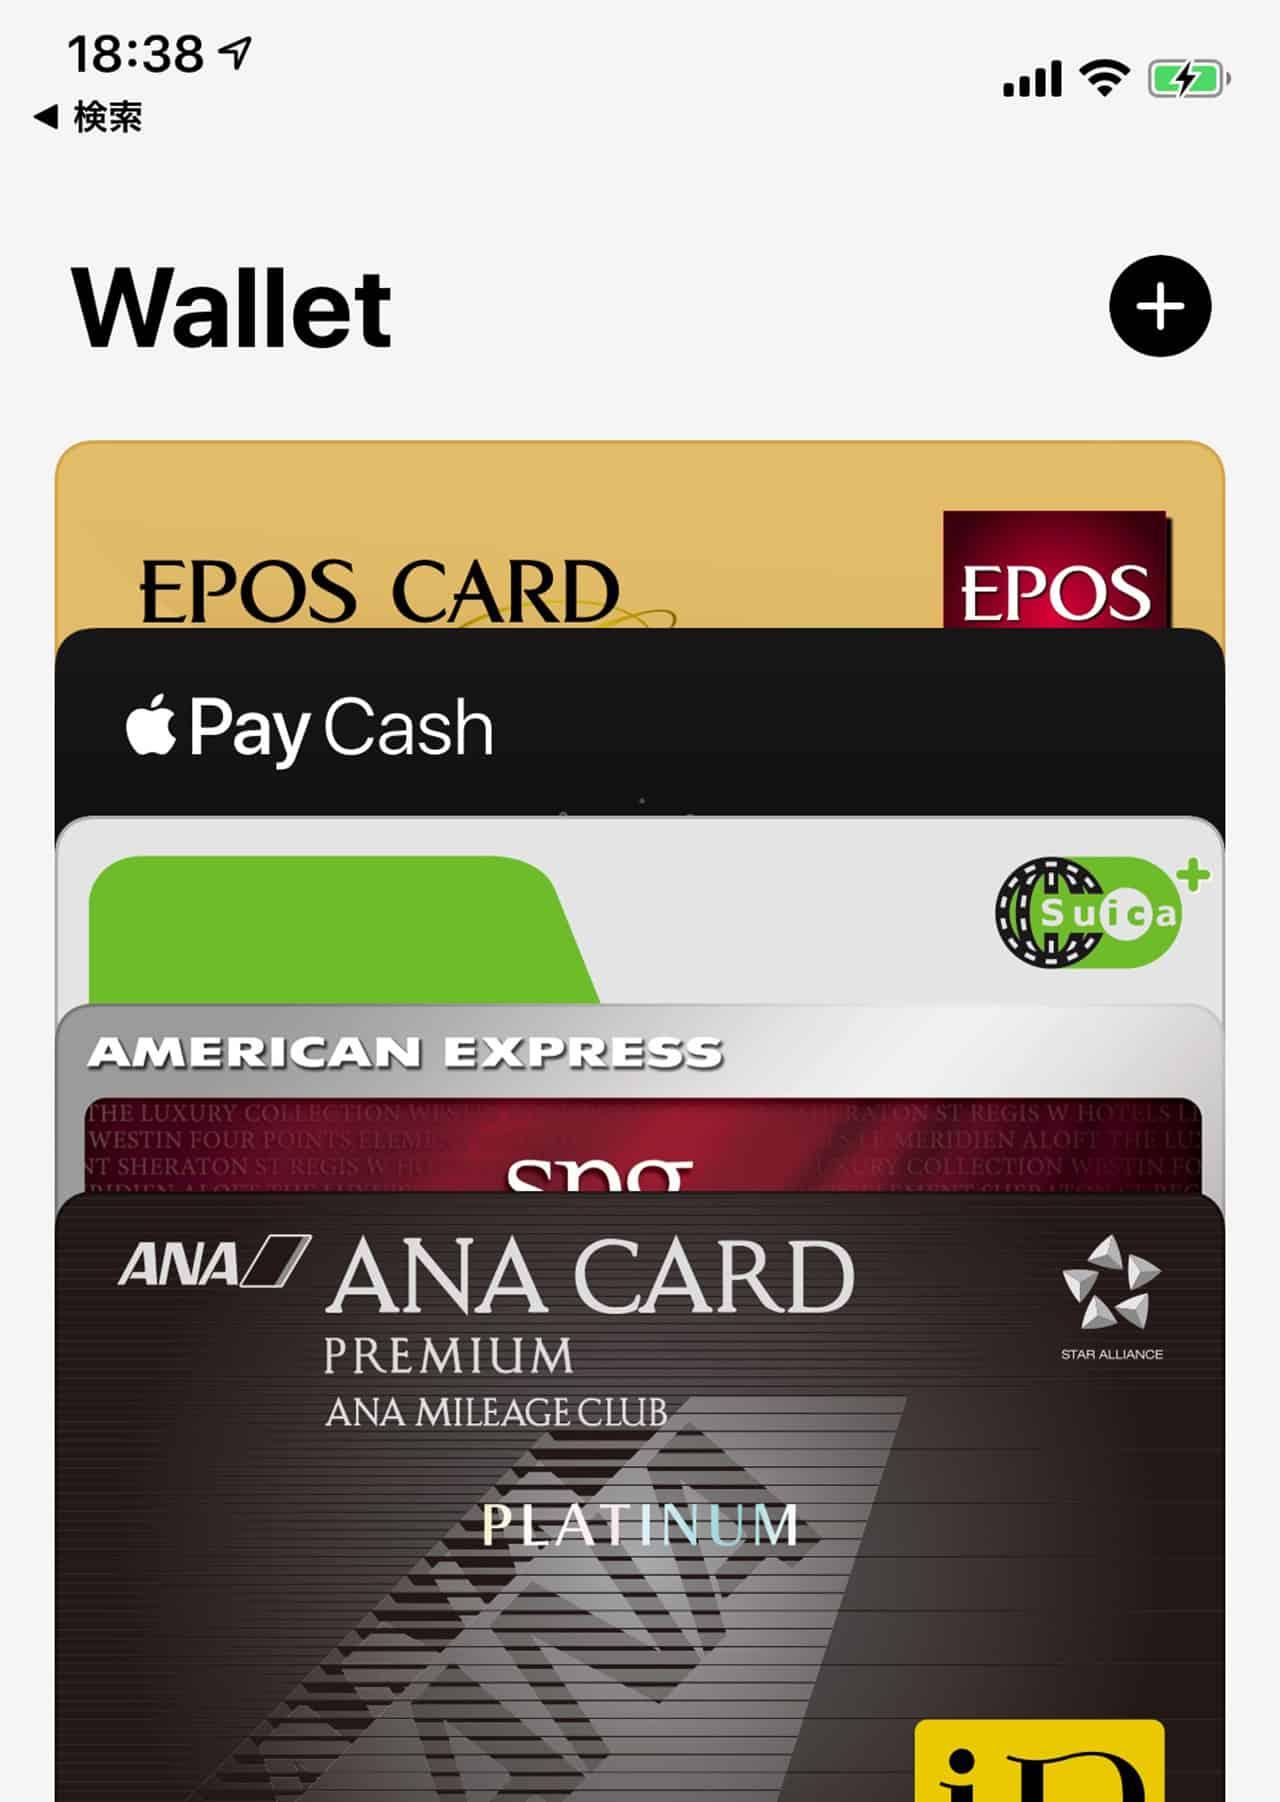 クレジットカード登録完了